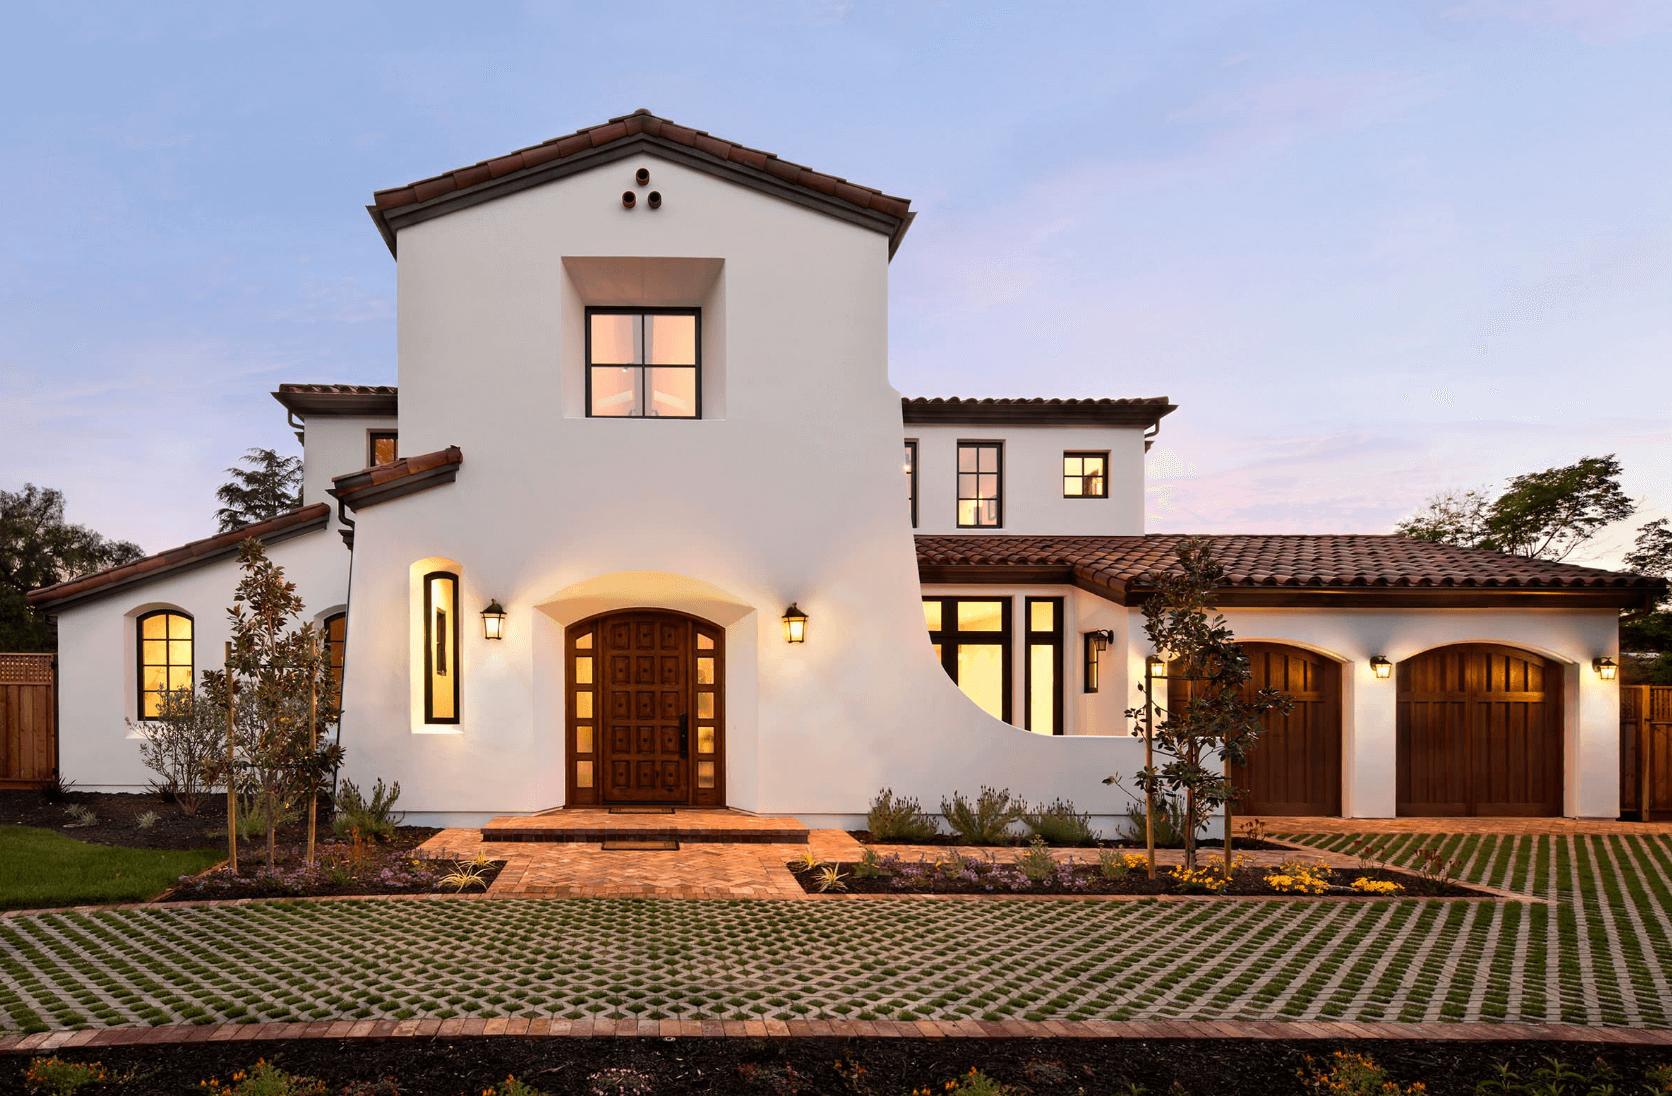 Een villa in Spaanse look